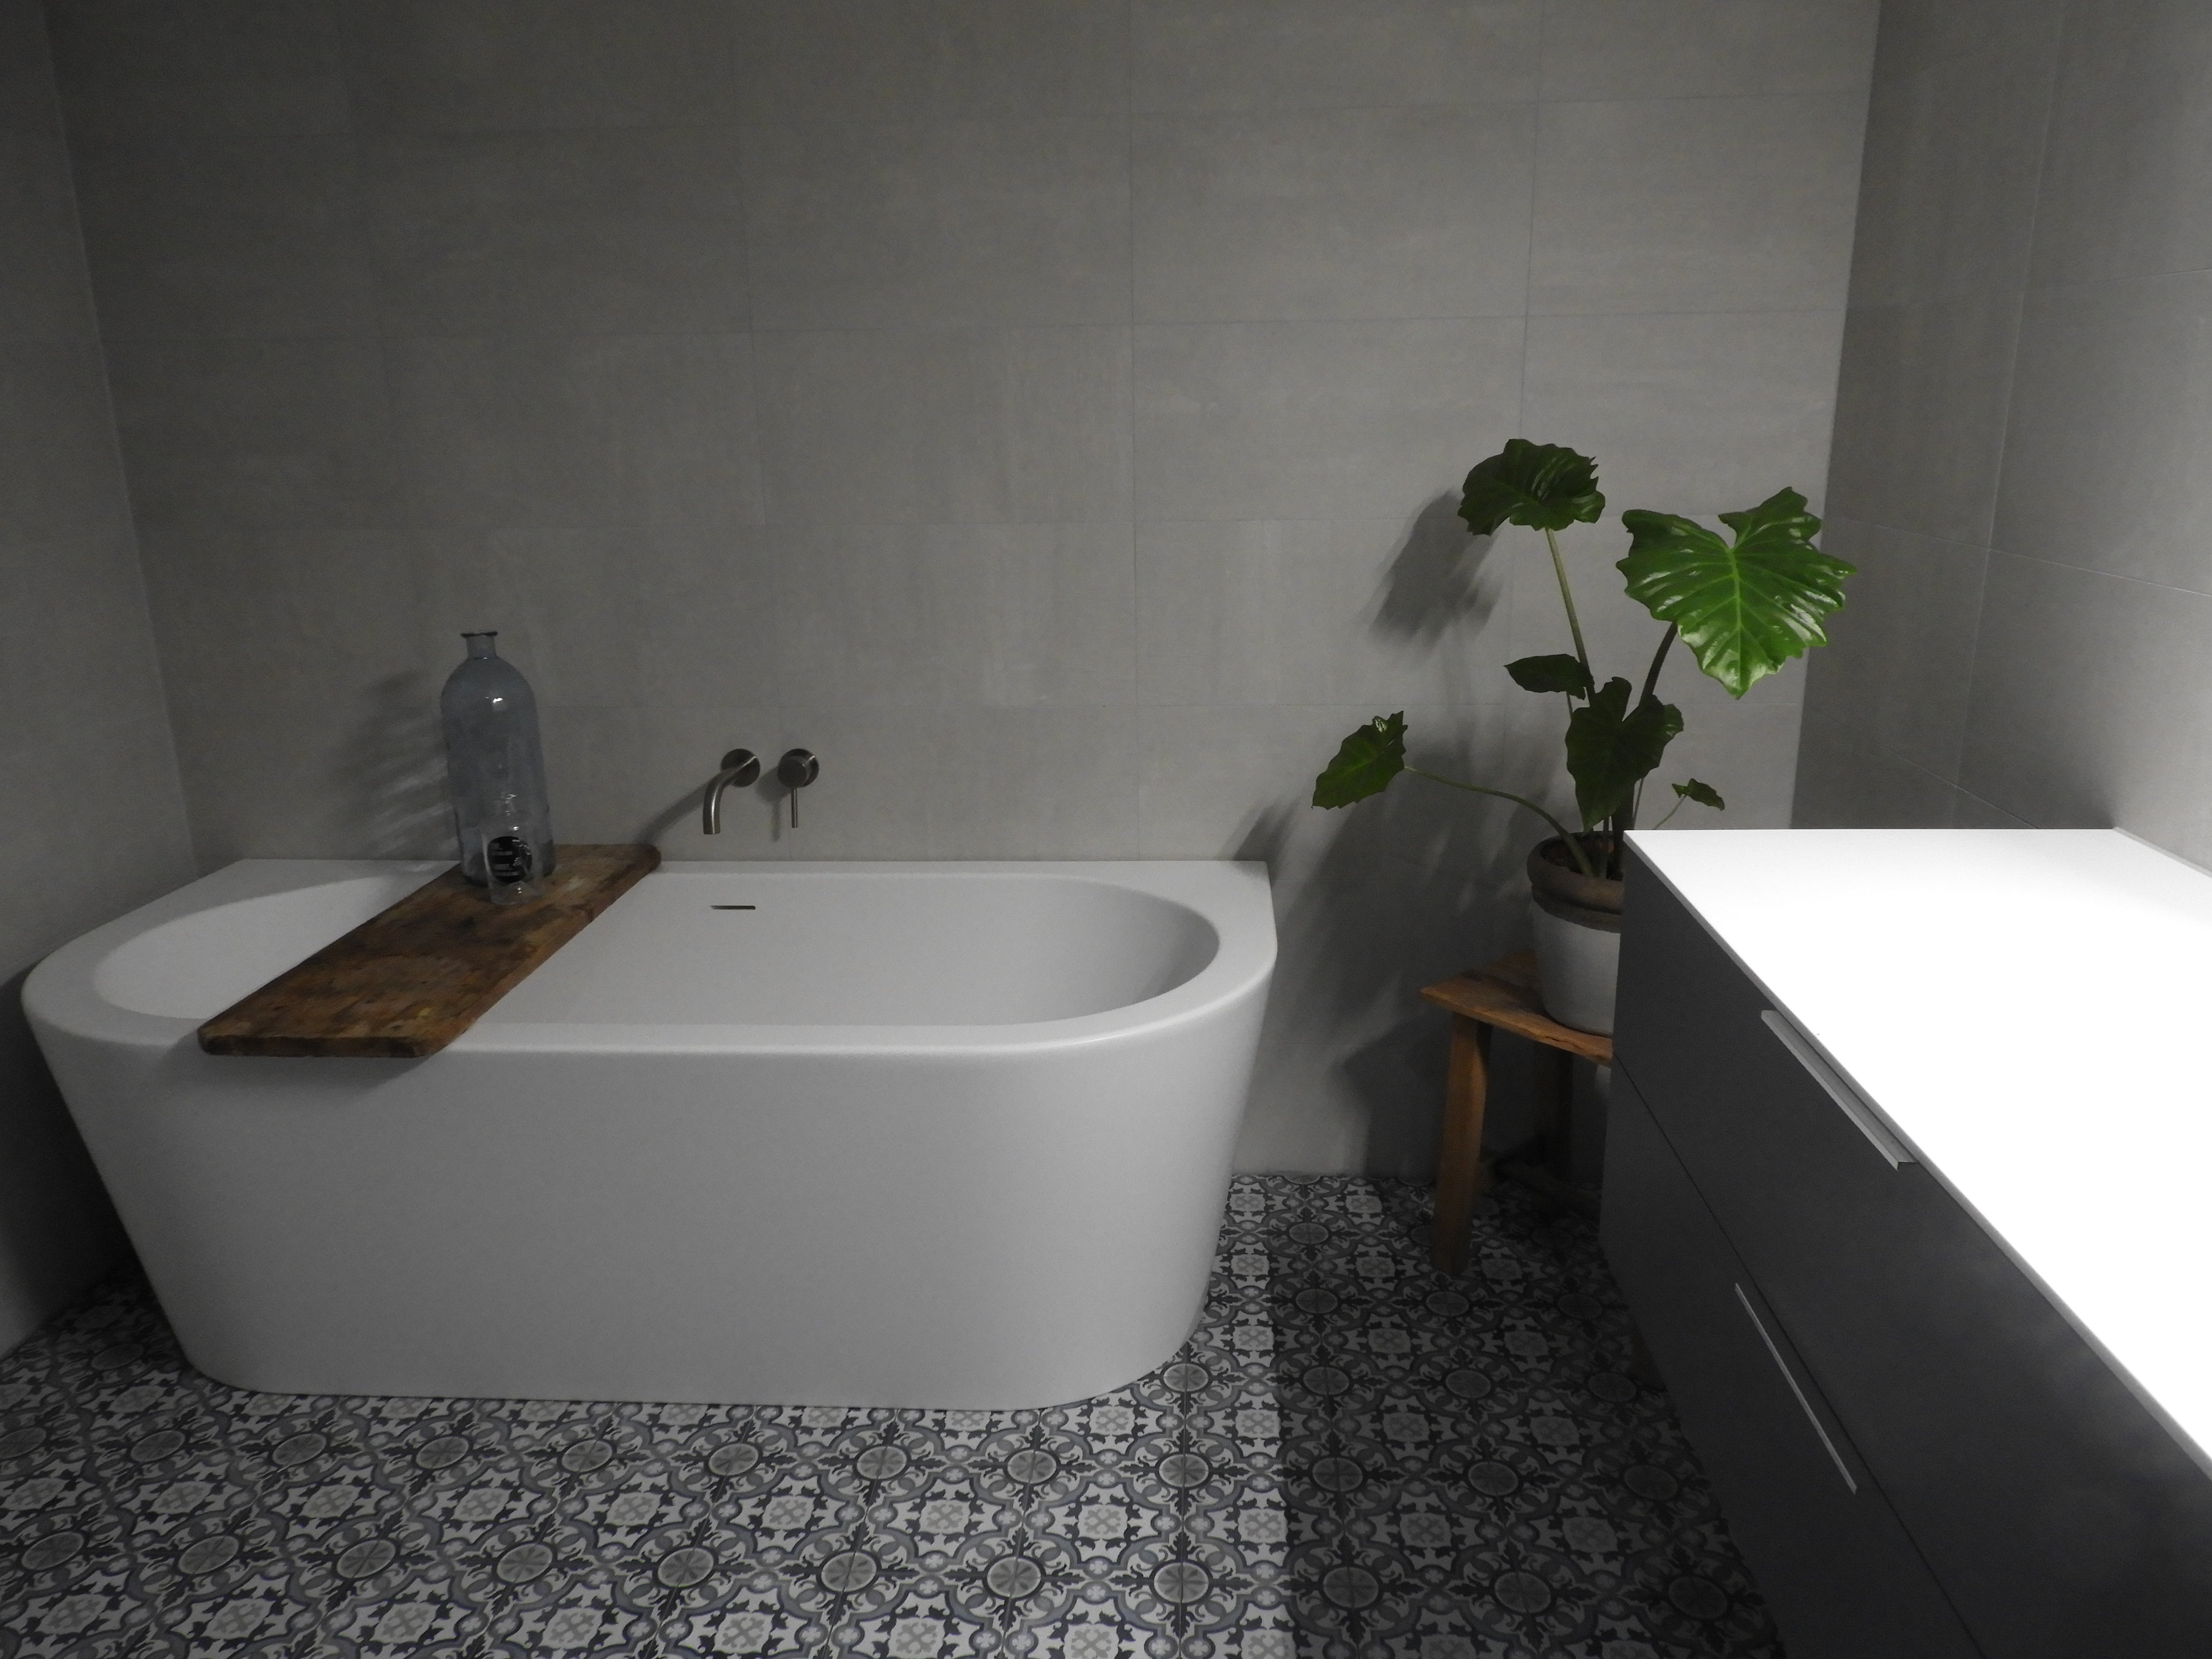 Badkamer met bad janijko surhuisterveen